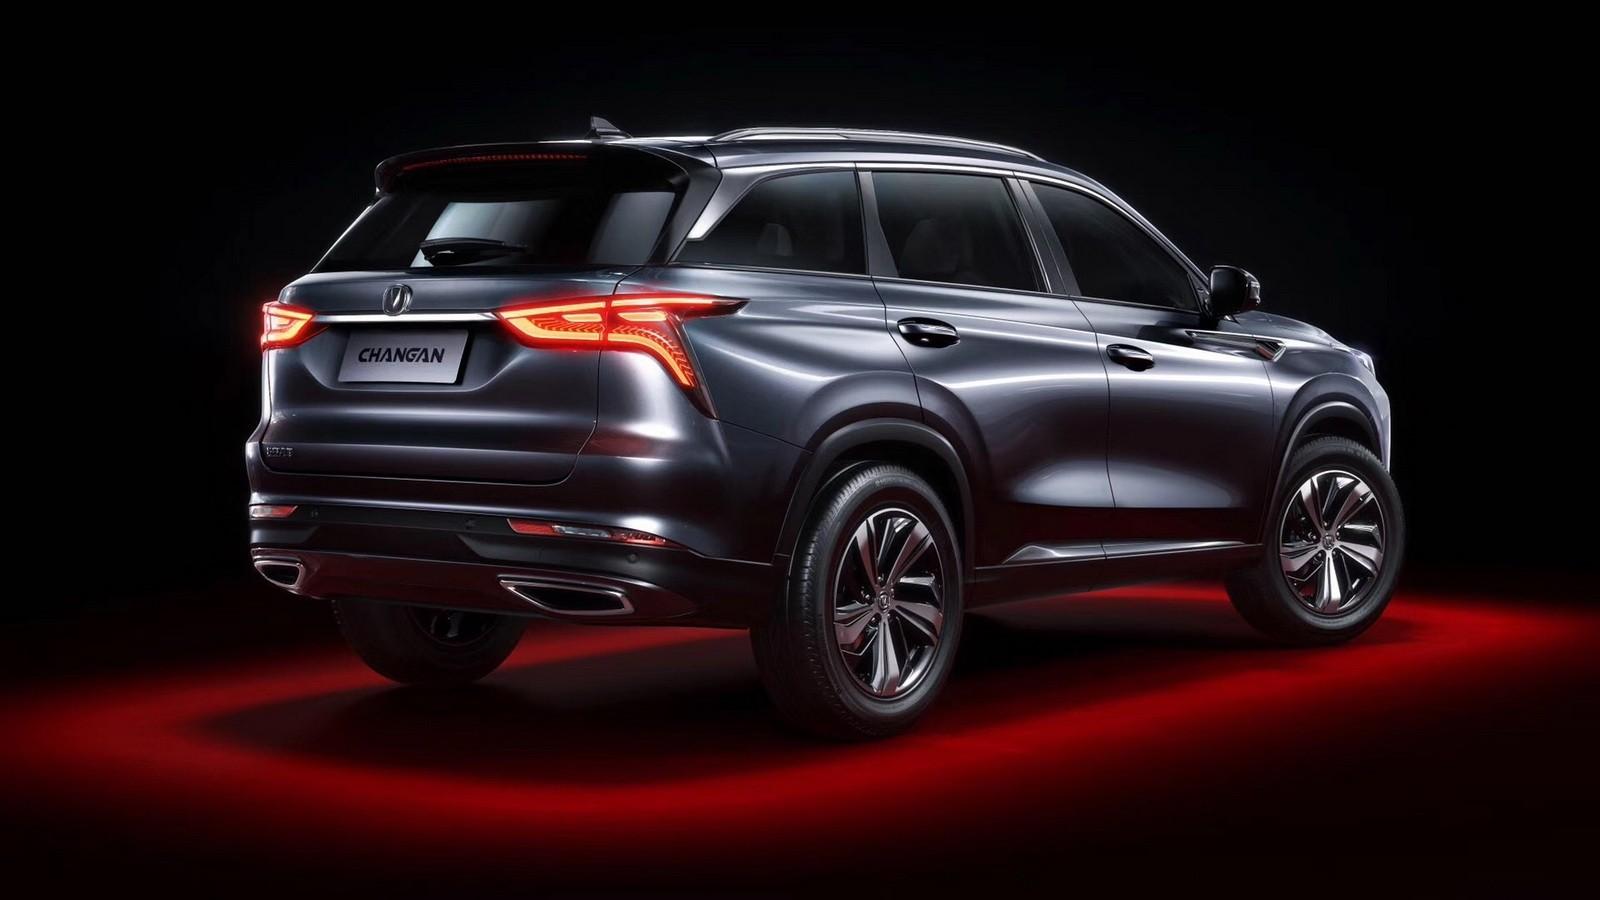 Thiết kế đuôi xe của Changan CS75 Plus 2019 gợi liên tưởng đến xe Lexus